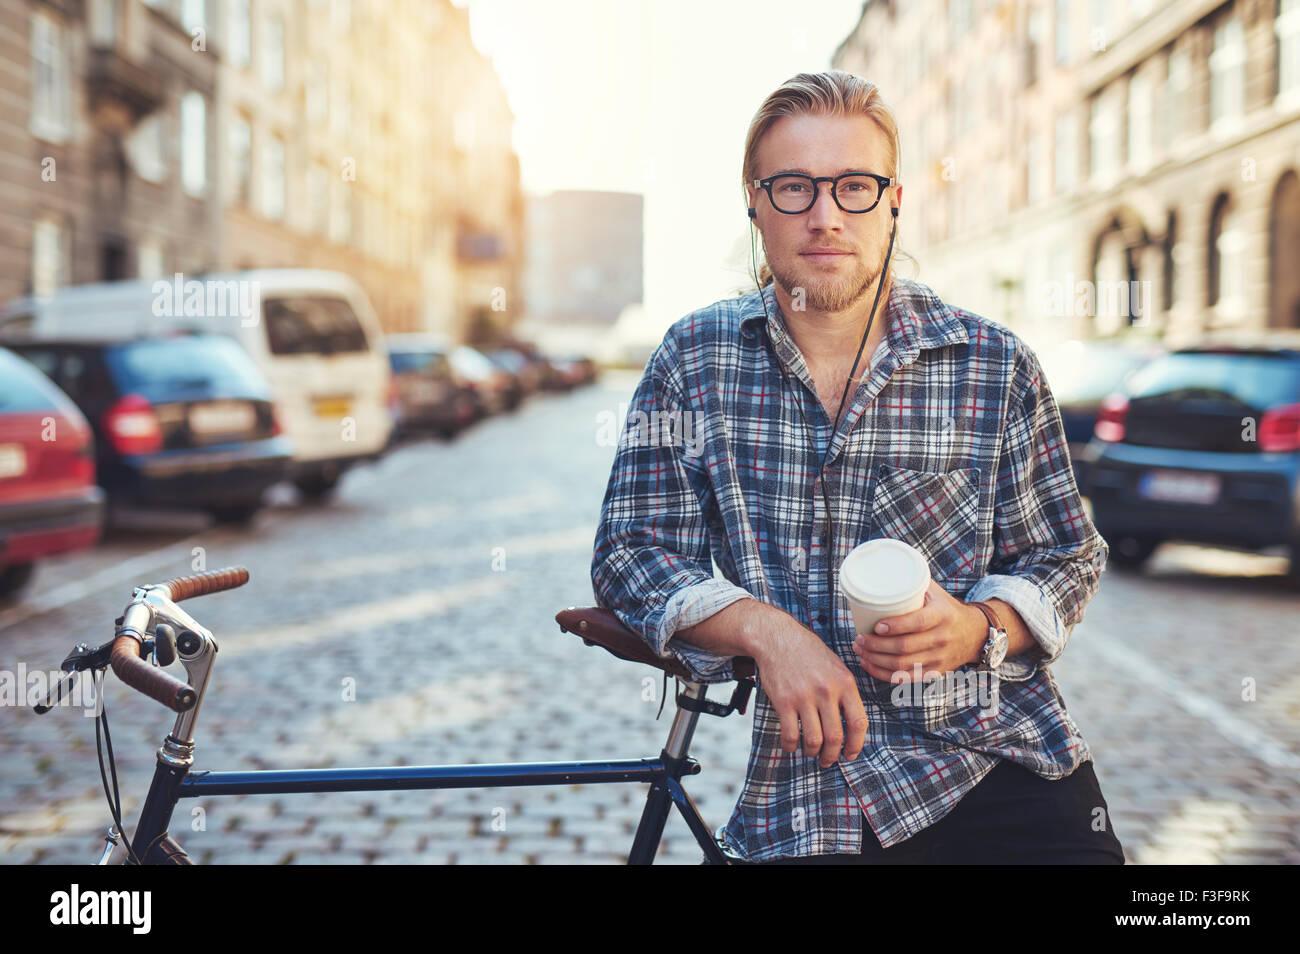 Cool hombre mirando a la cámara. El estilo de vida de la ciudad, disfrutando de la vida en la ciudad Imagen De Stock